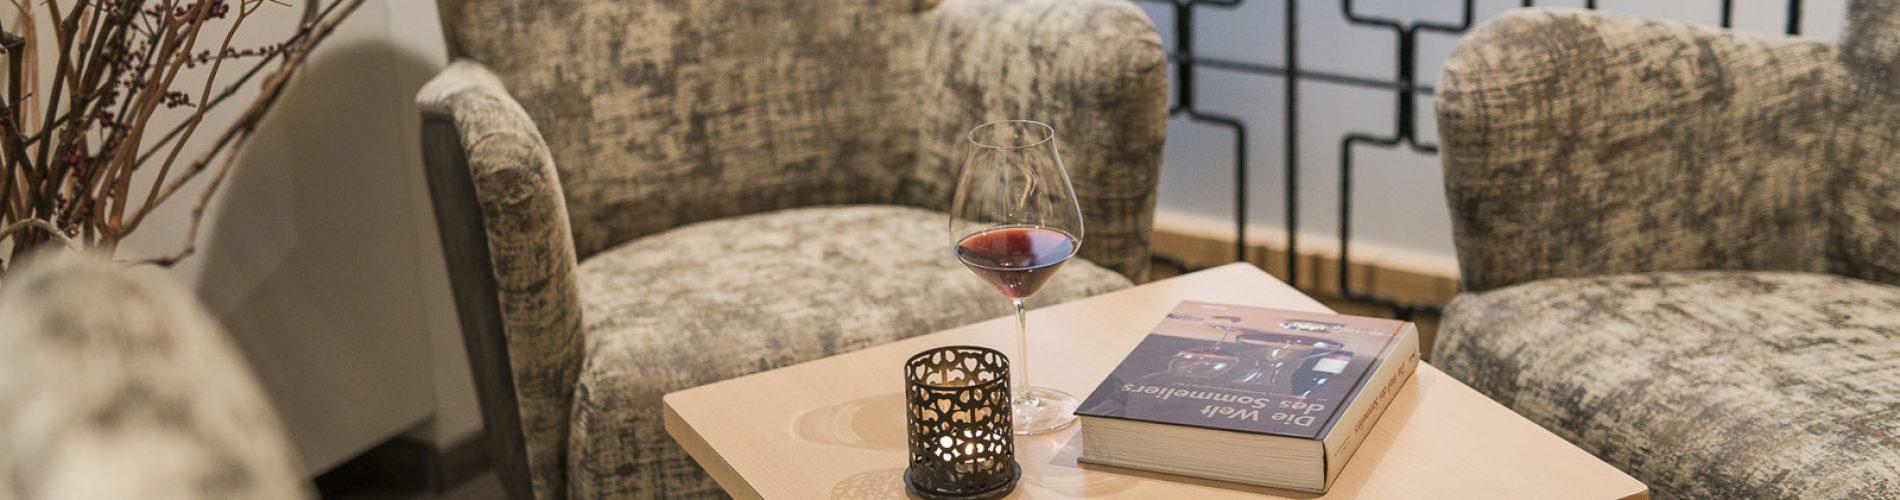 Hygge-und-Weinwoche